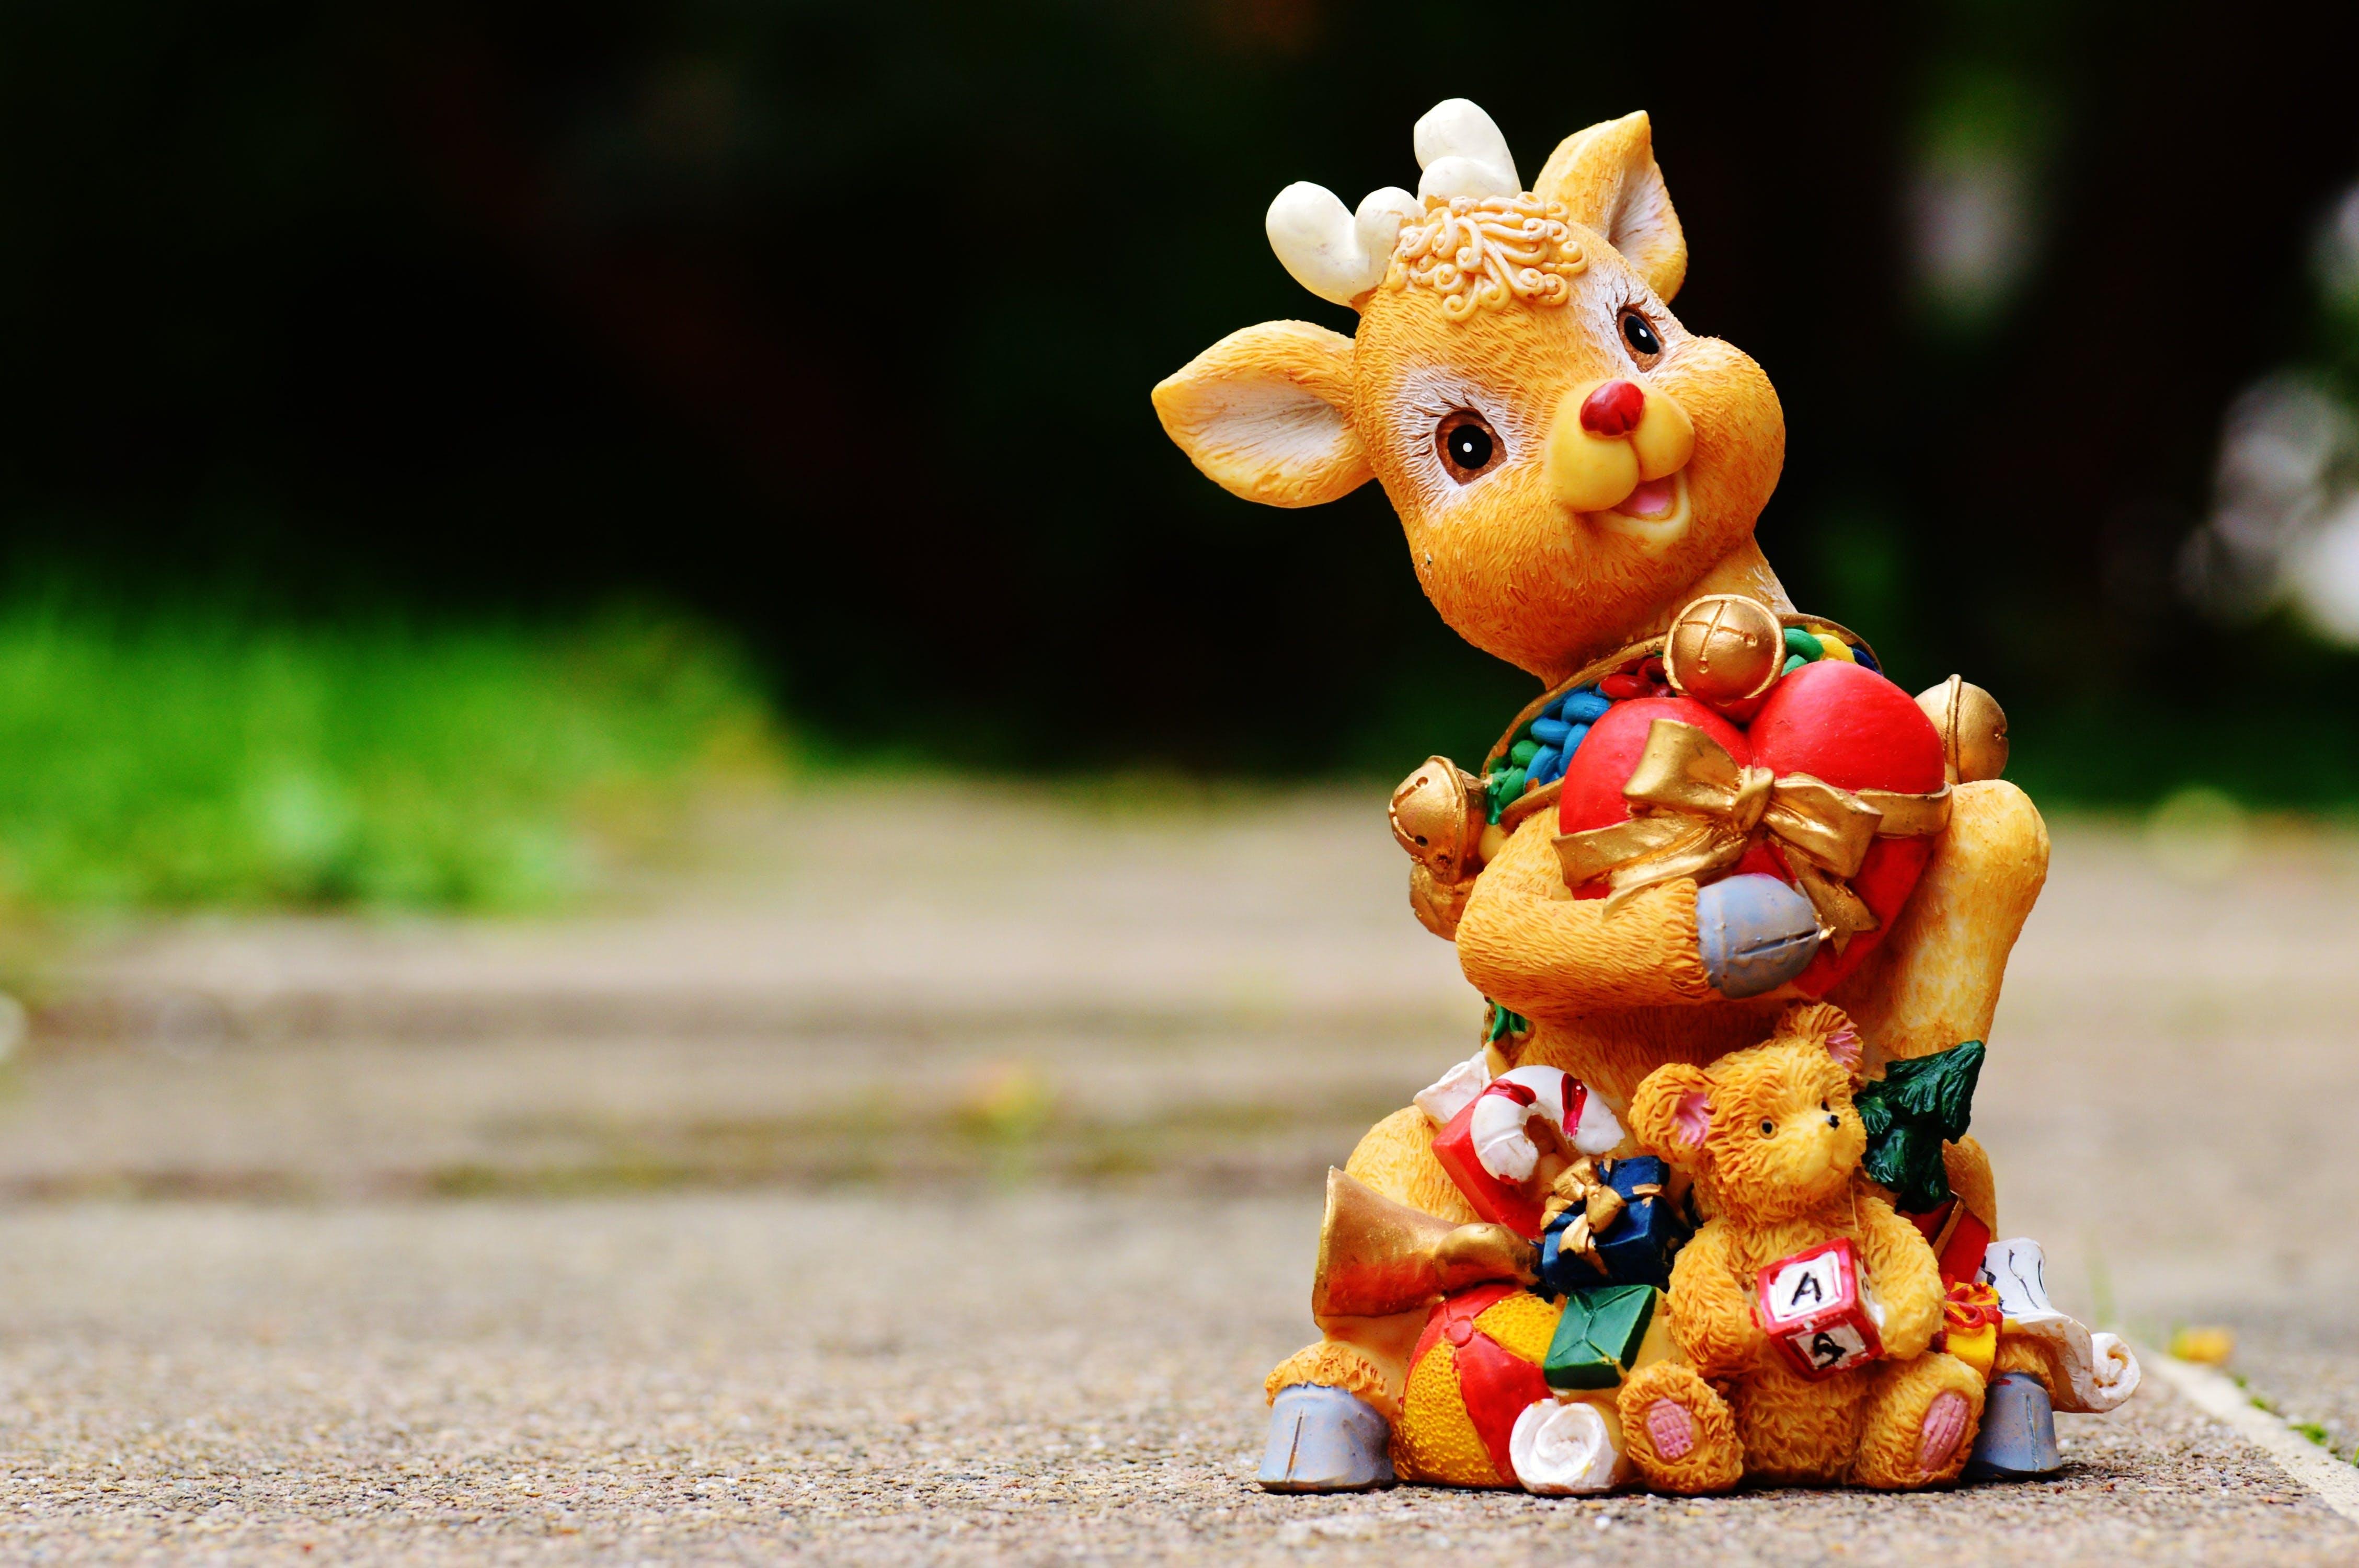 Brown Deer Figurine at Daytime